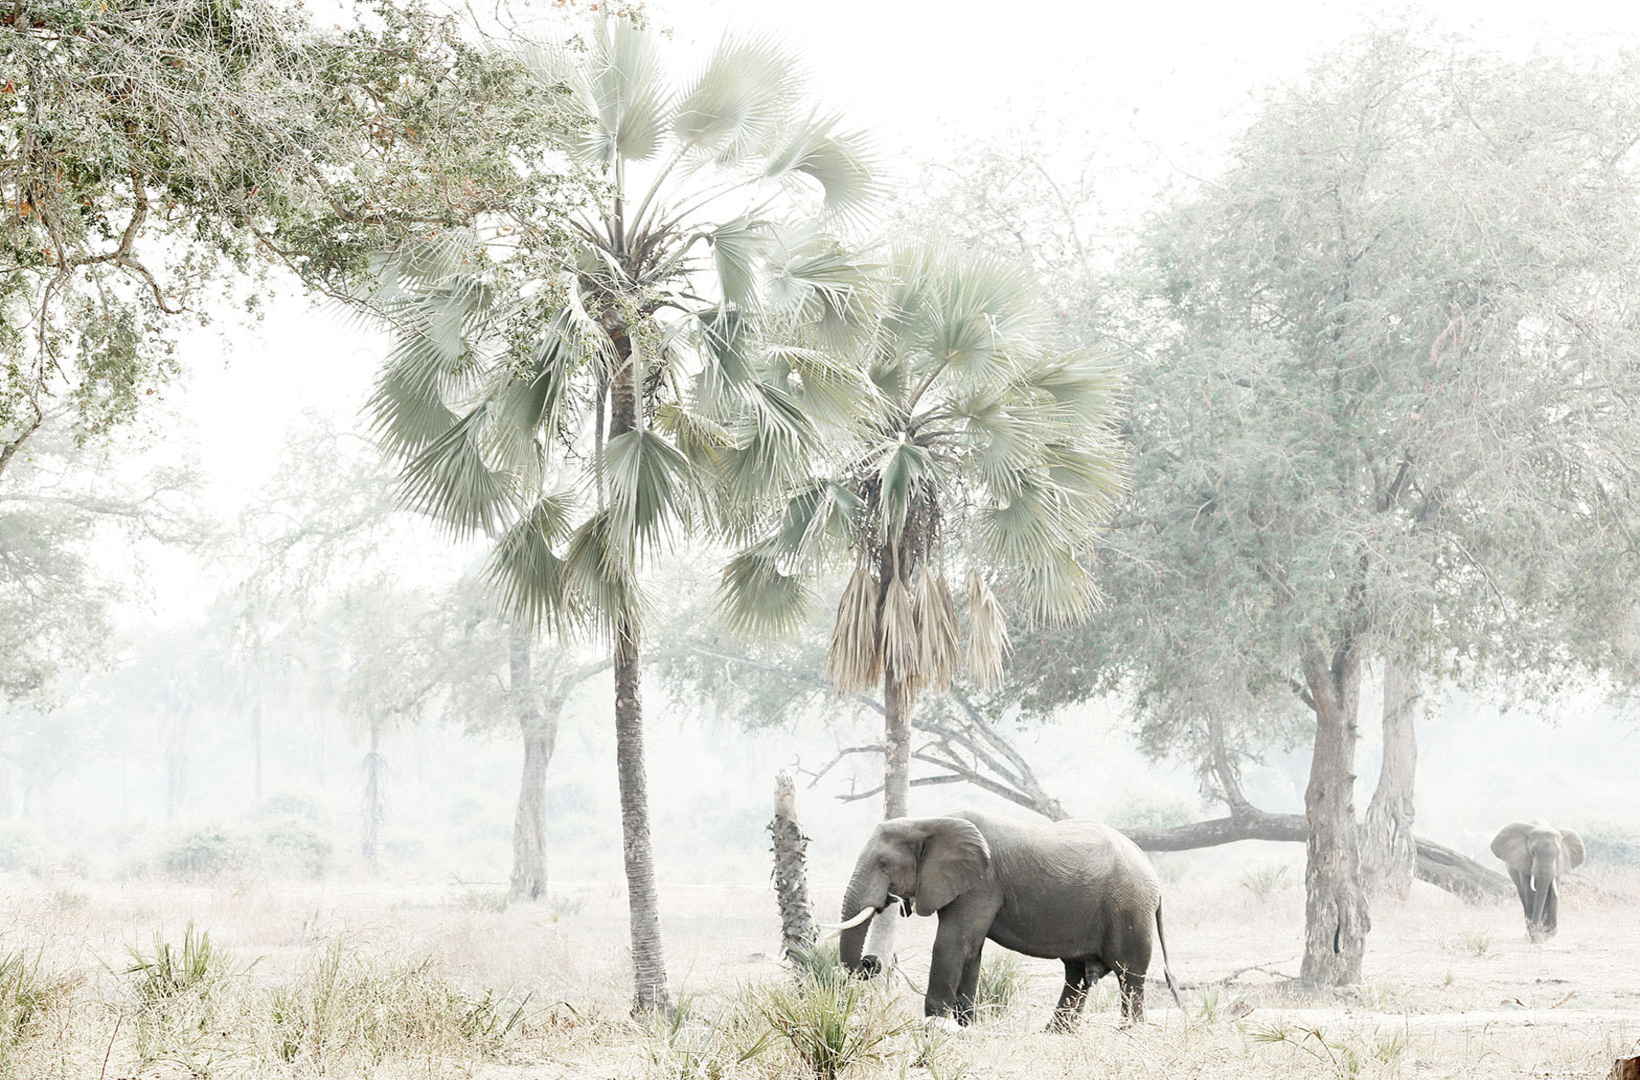 African elephants wander through the intense midday heat of Lower Zambezi Zambia